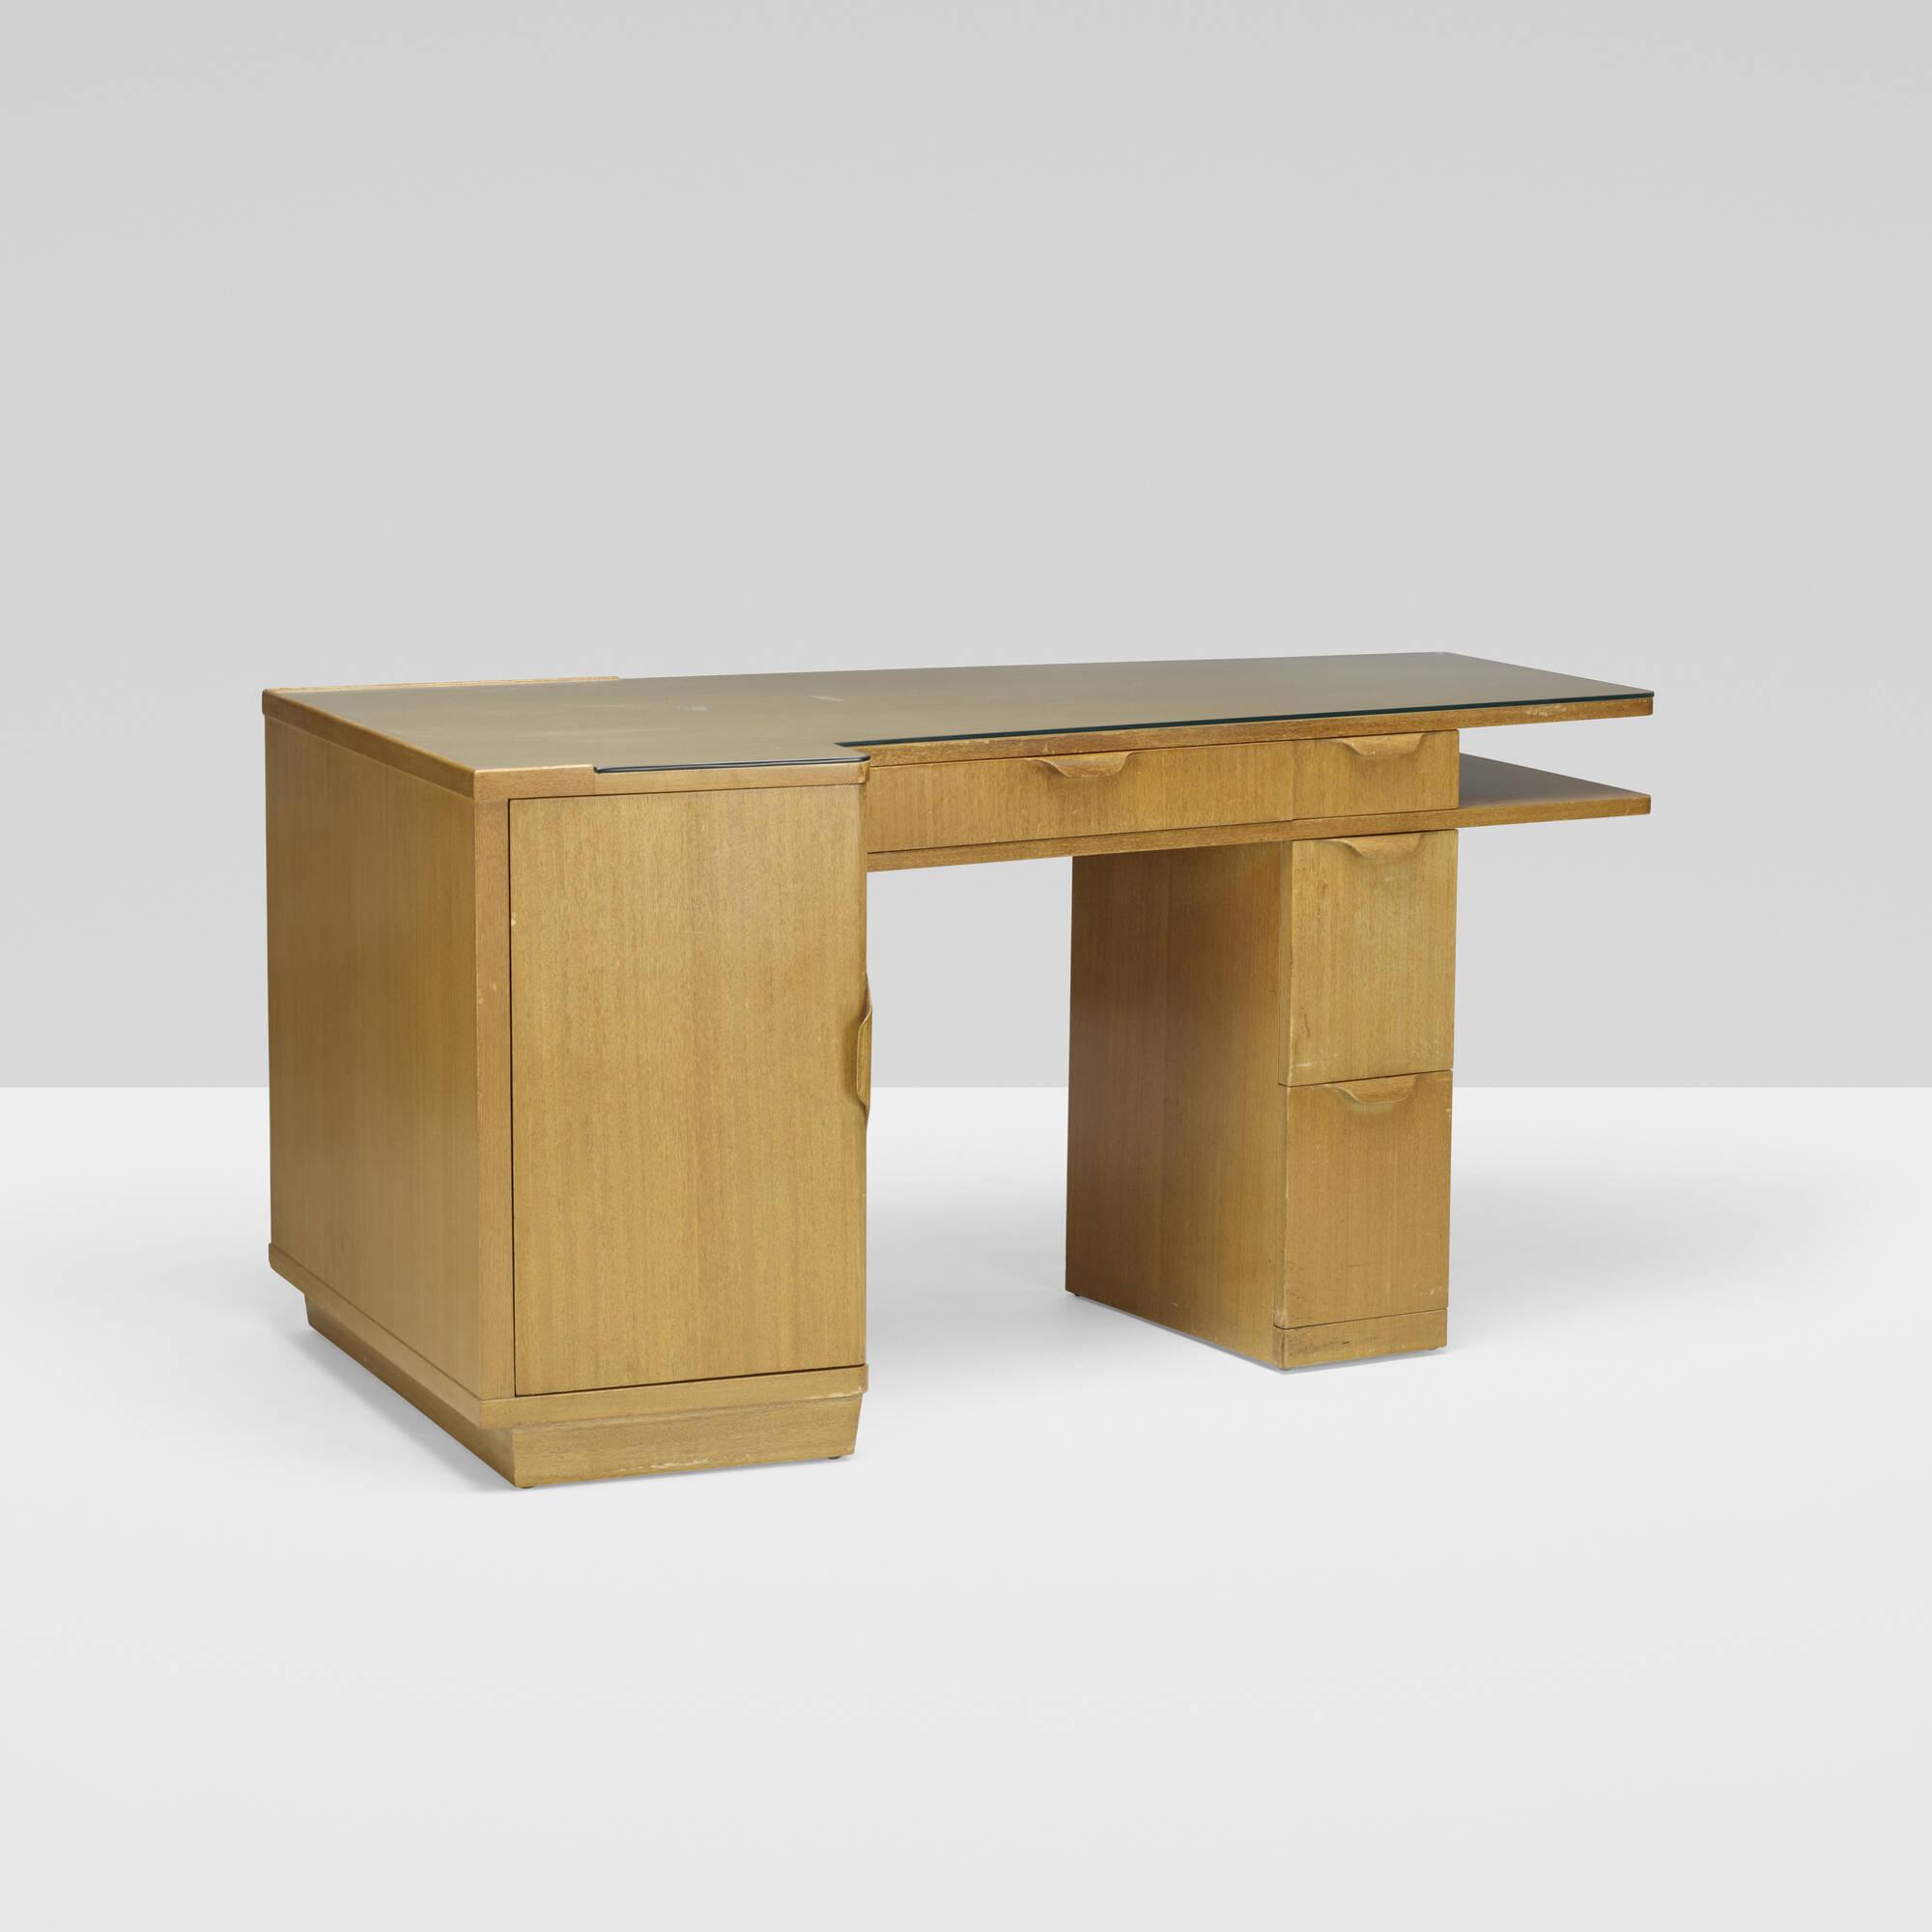 347: Edward Wormley / desk (2 of 4)